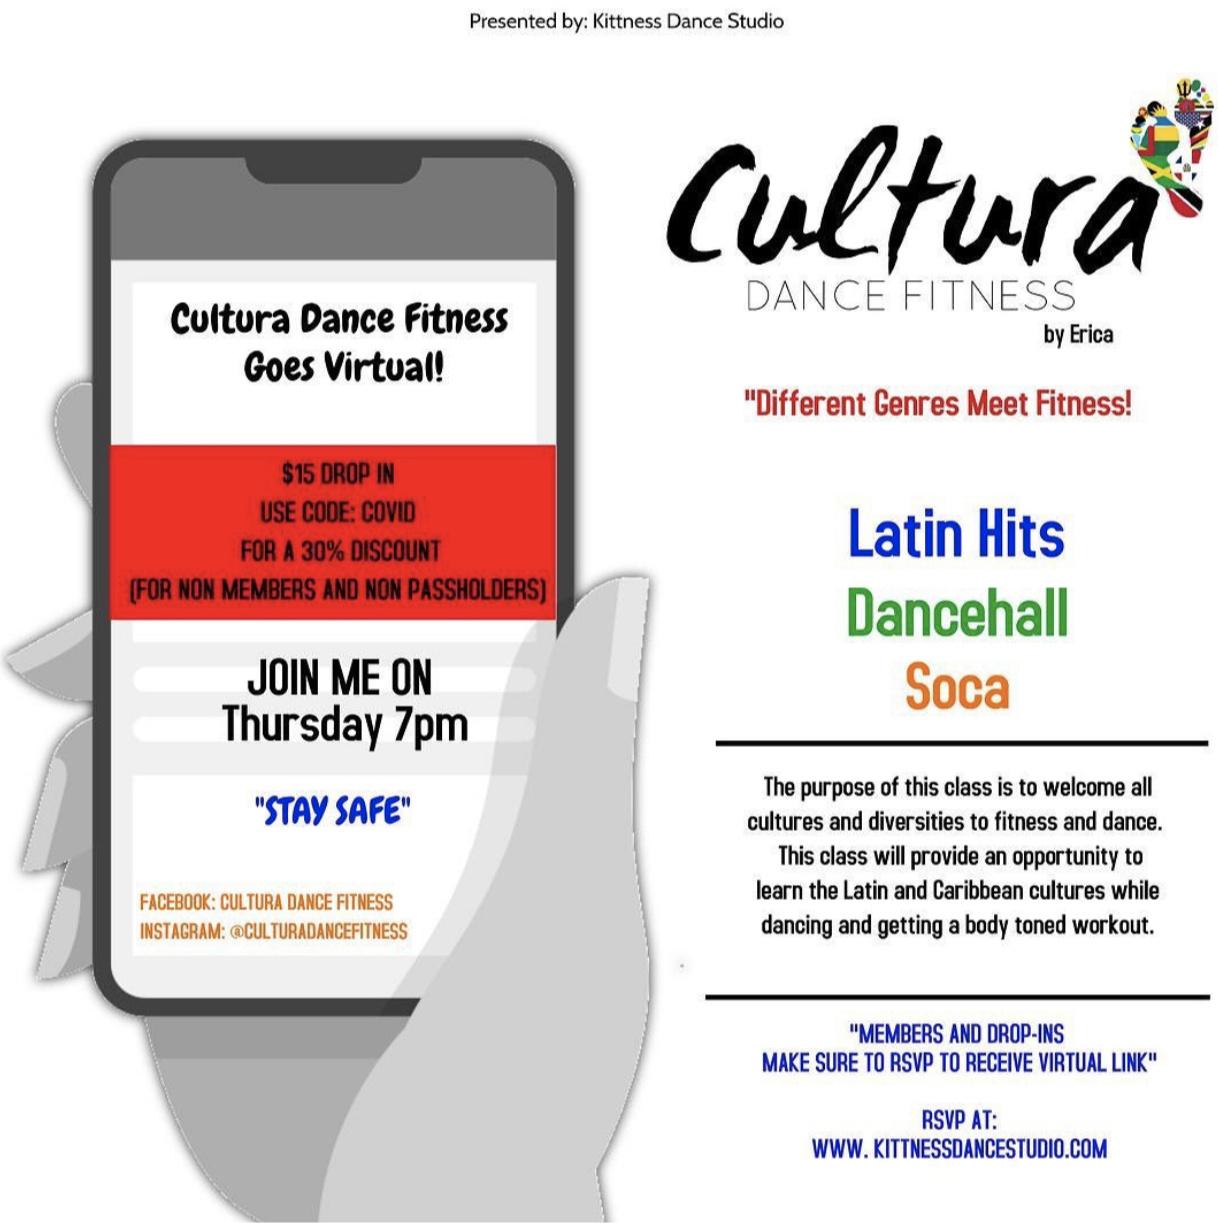 CULTURA DANCE FITNESS Online Class